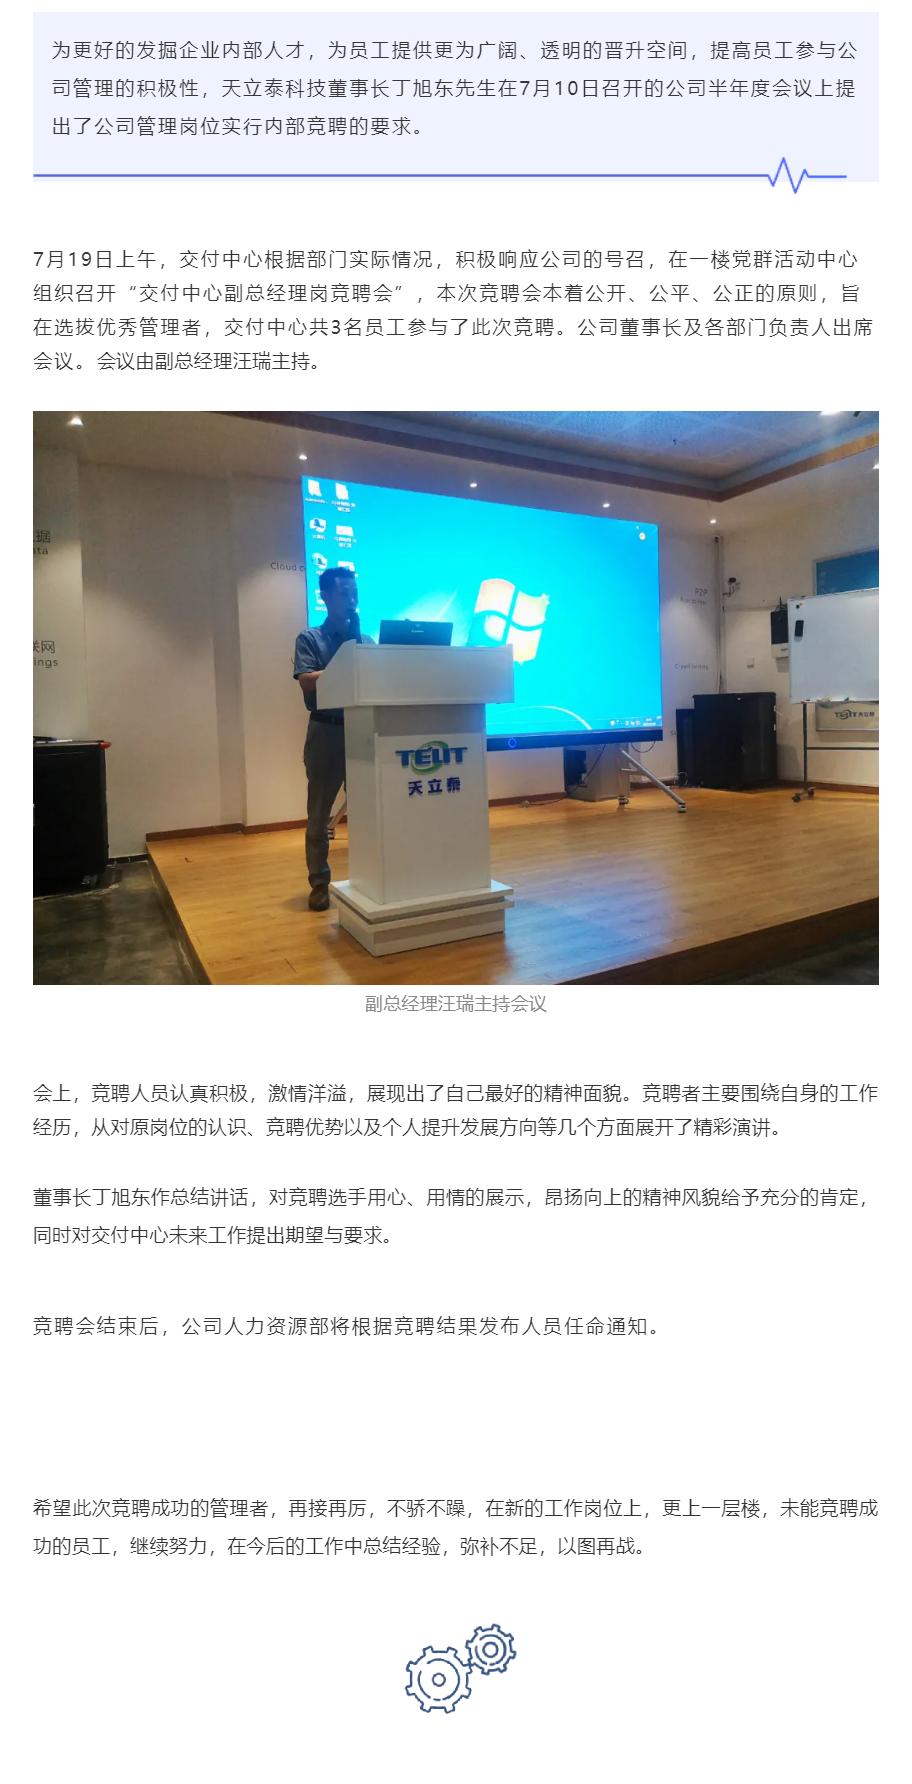 公开竞聘 _ 交付中心顺利组织竞聘会议.png